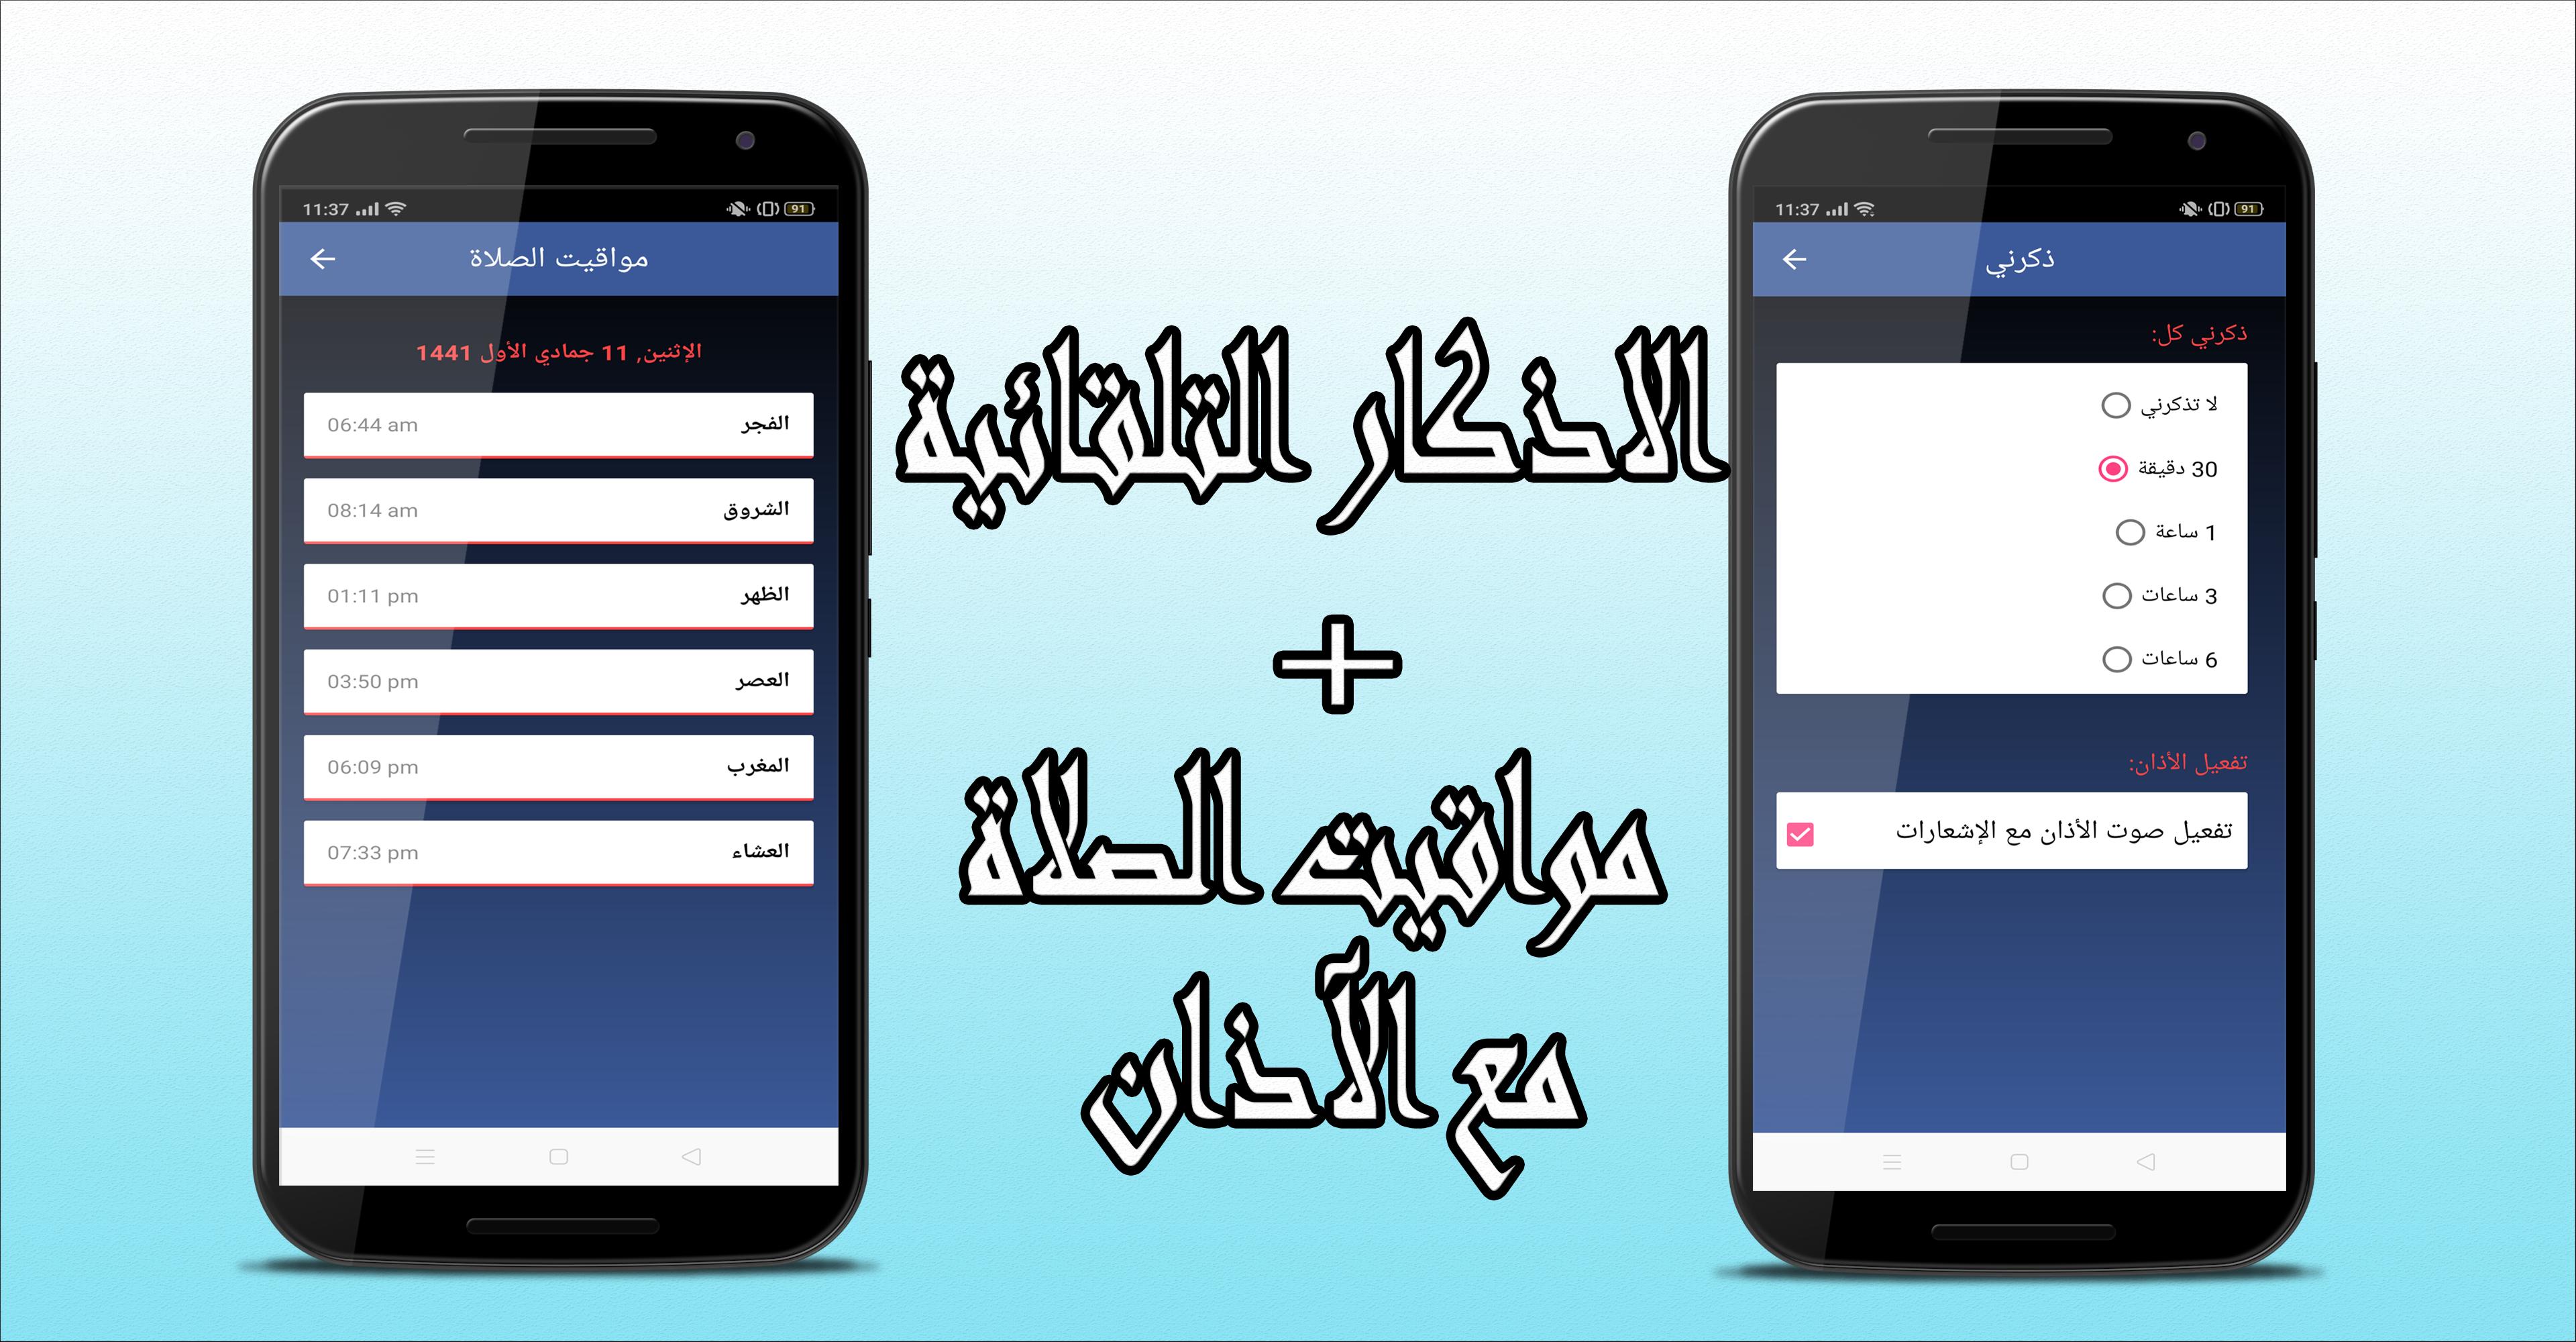 تطبيق زادك يا مسلم حمل الان P_14971aoi16